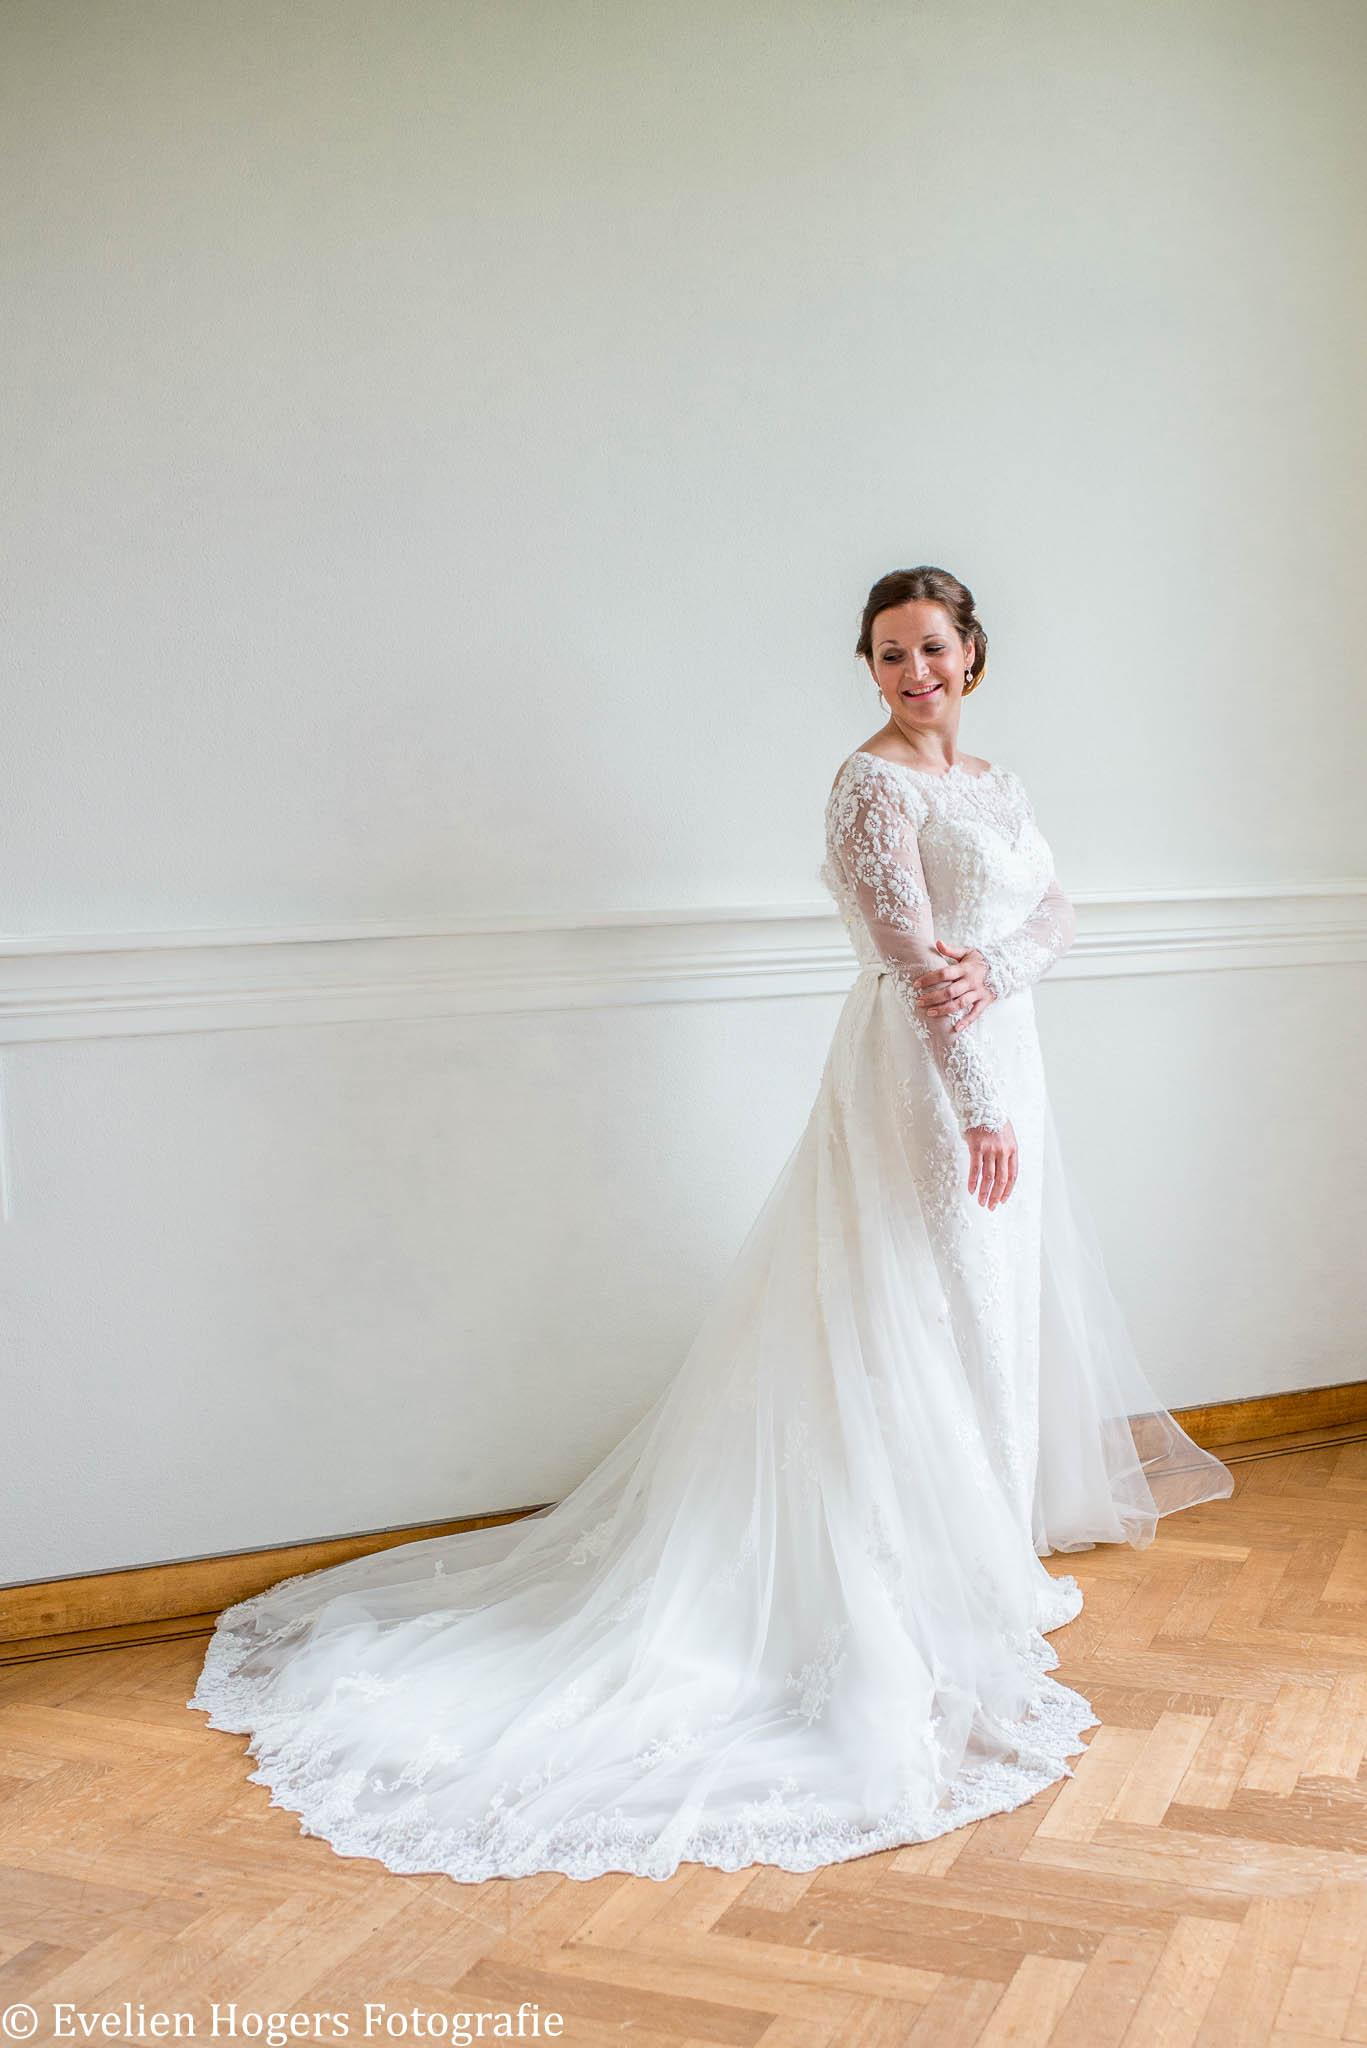 Estate_wedding_Metwatermerk-63.jpg